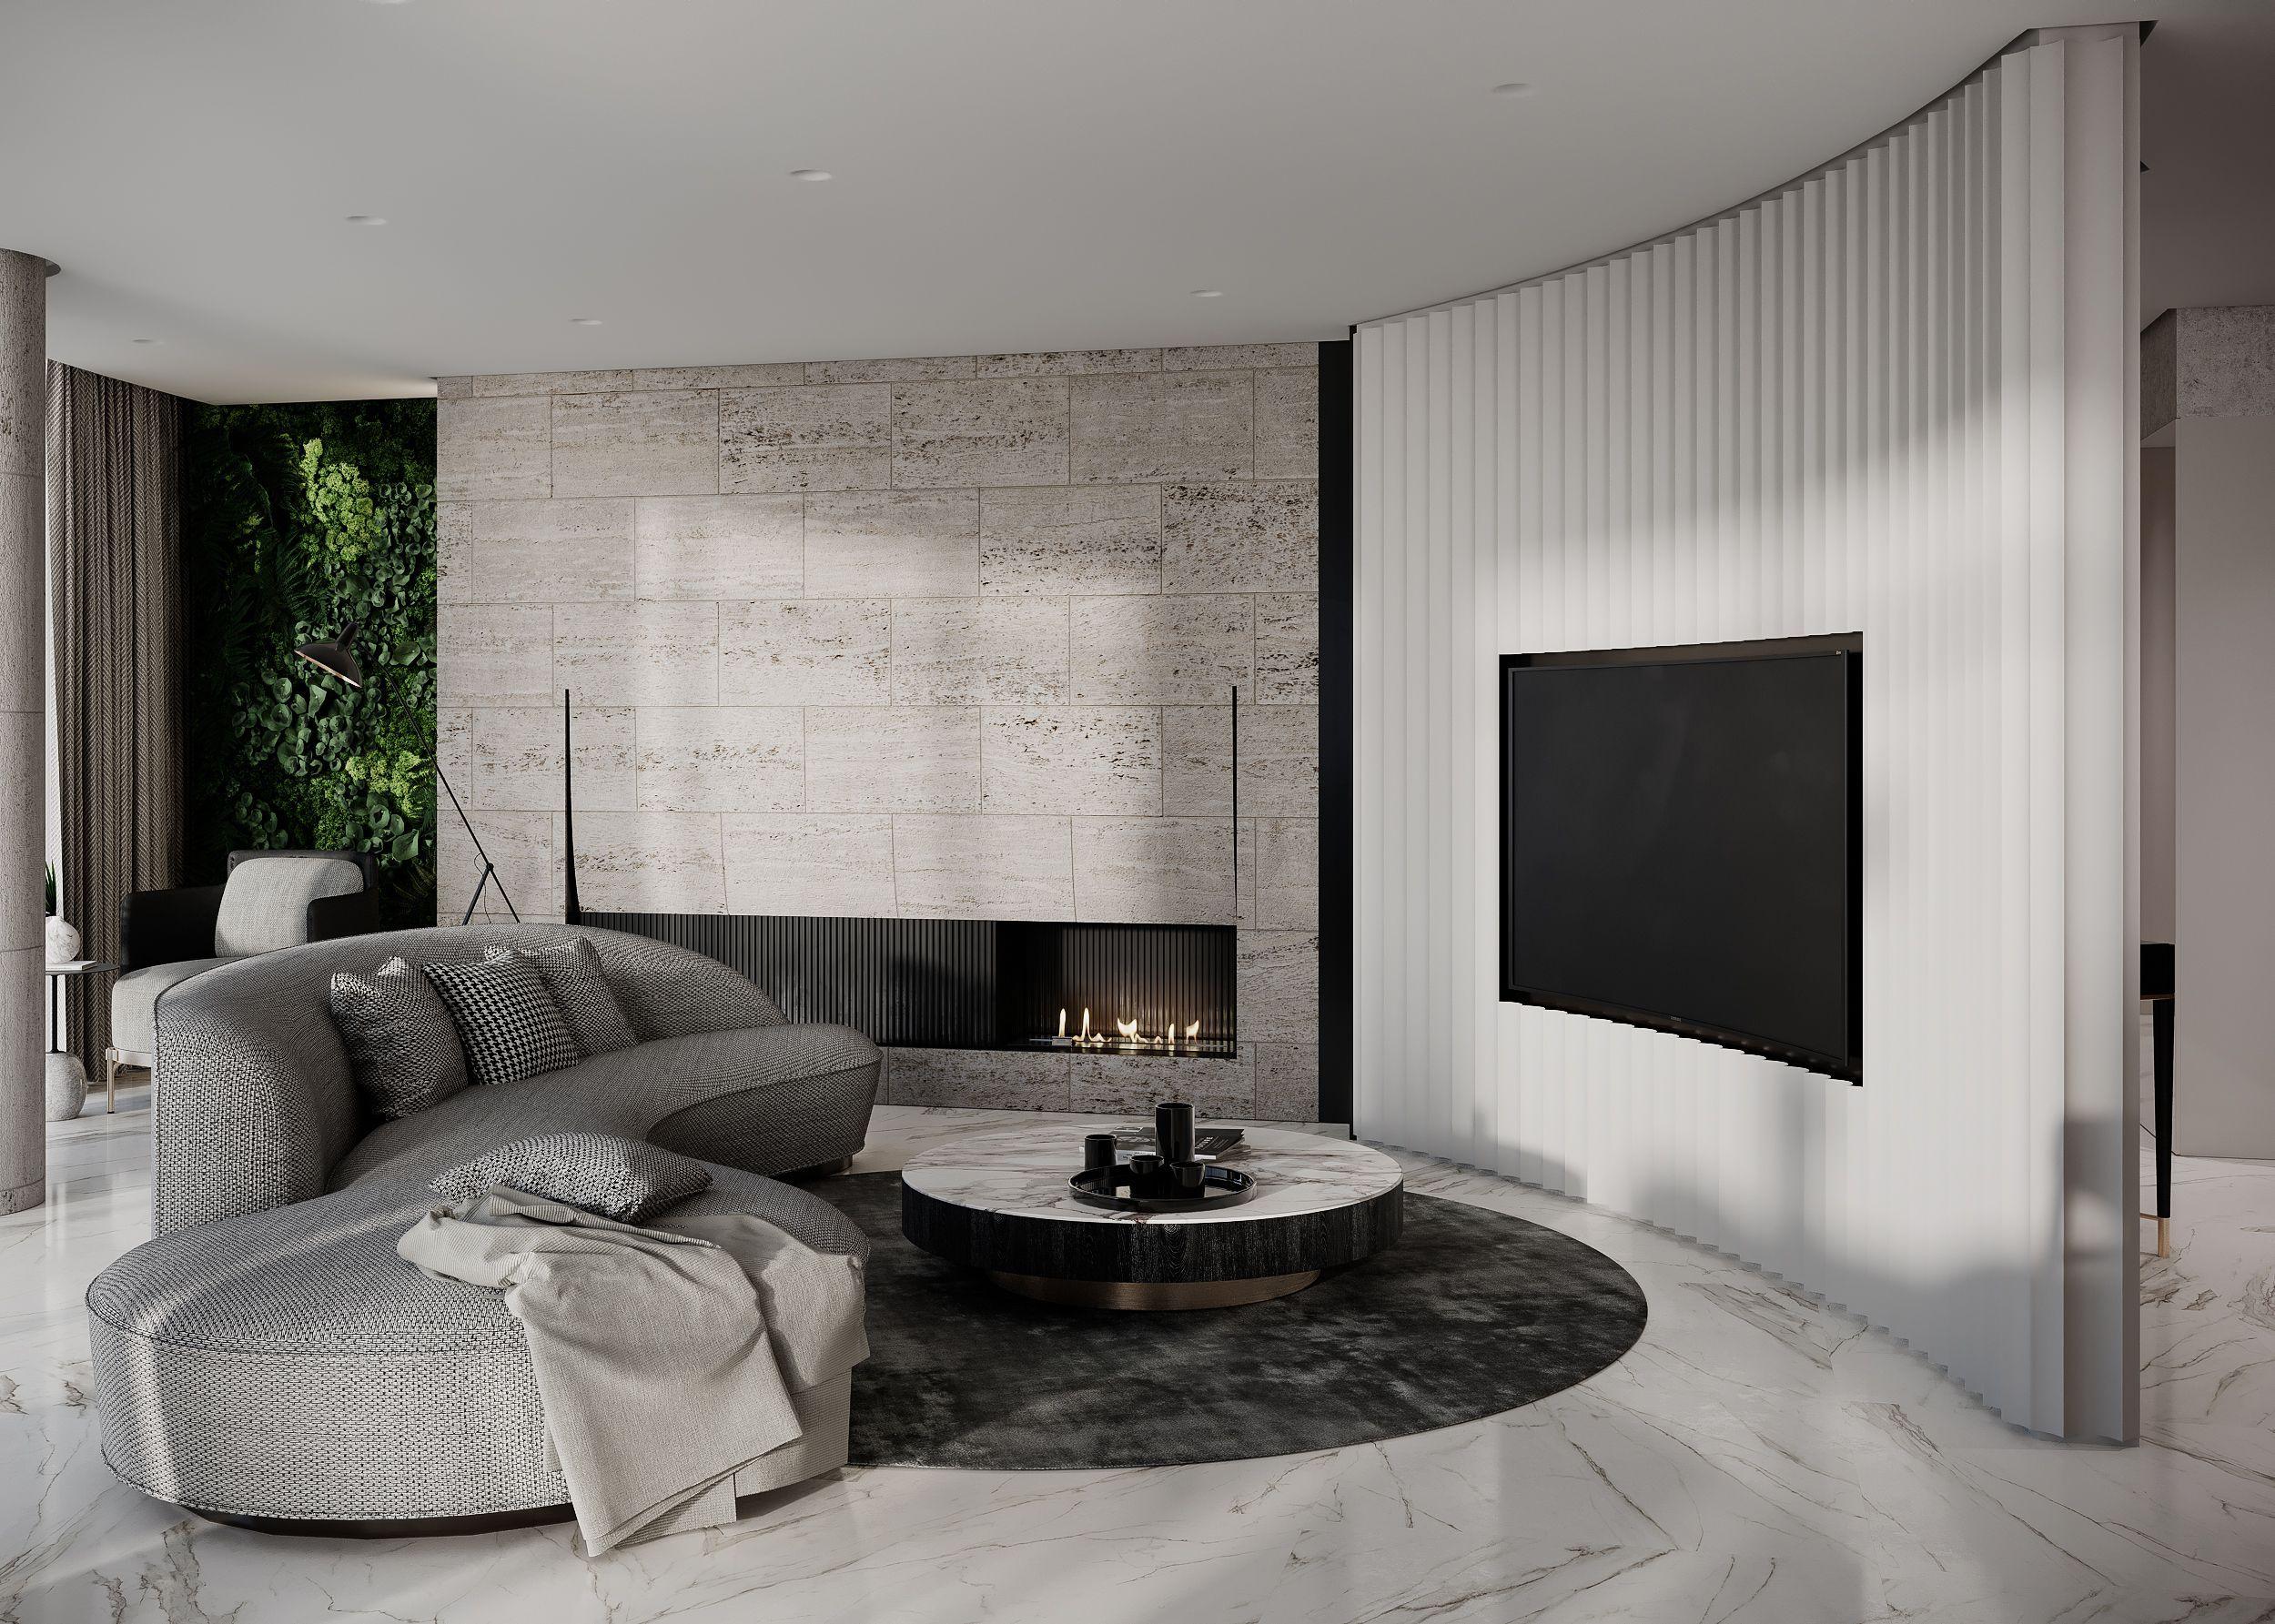 Luxury Living Room Luxury Living Room Minimalism Interior Modern Minimalist Living Room Elegant minimalist luxury room